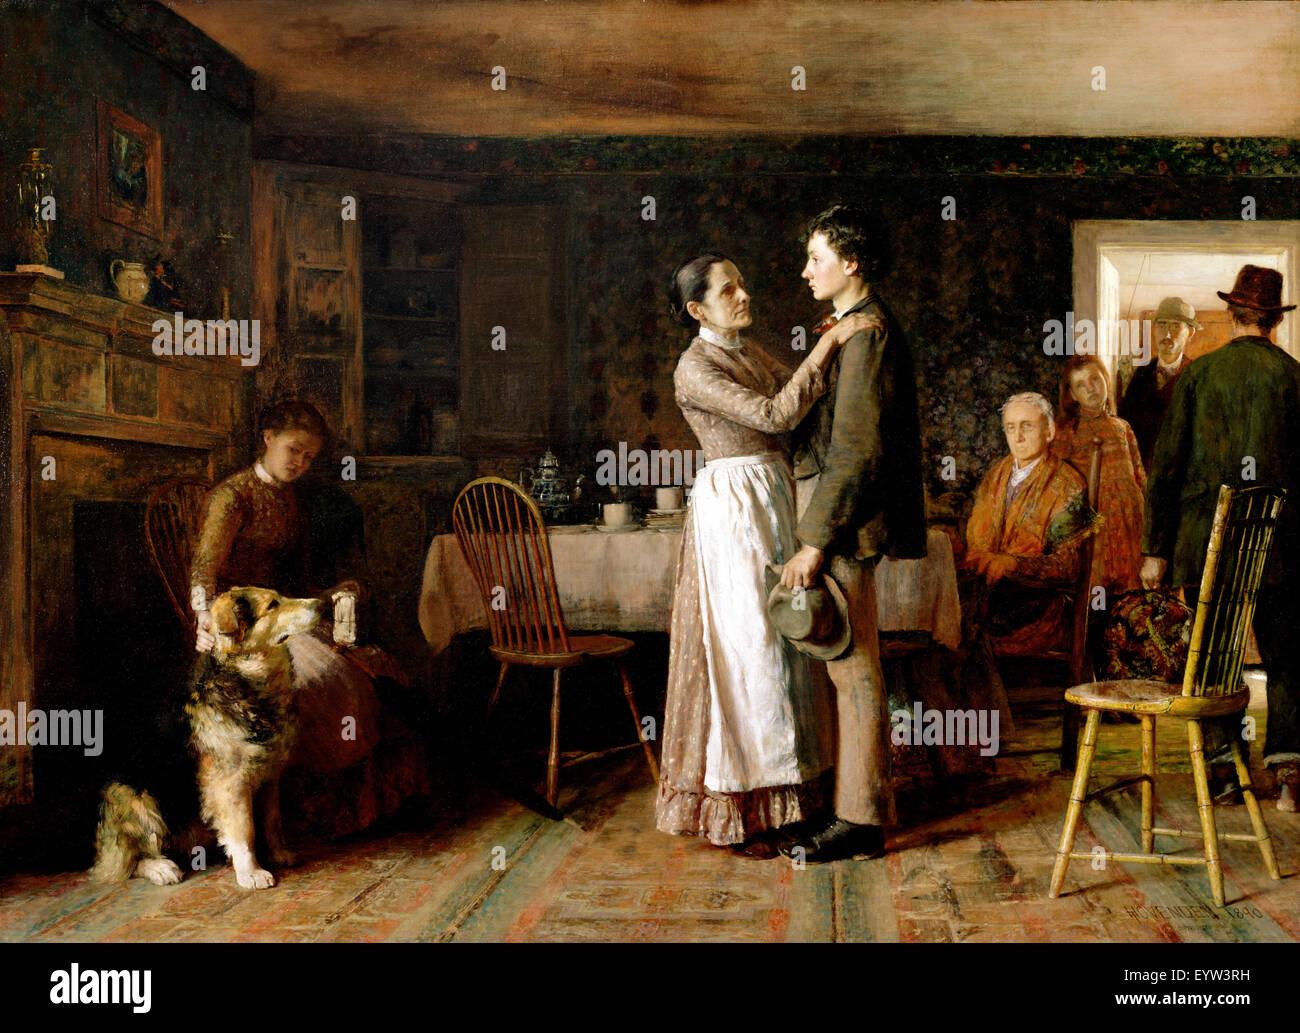 Thomas Hovenden, brisant les liens Accueil 1890 Huile sur toile. Philadelphia Museum of Art, USA. Banque D'Images